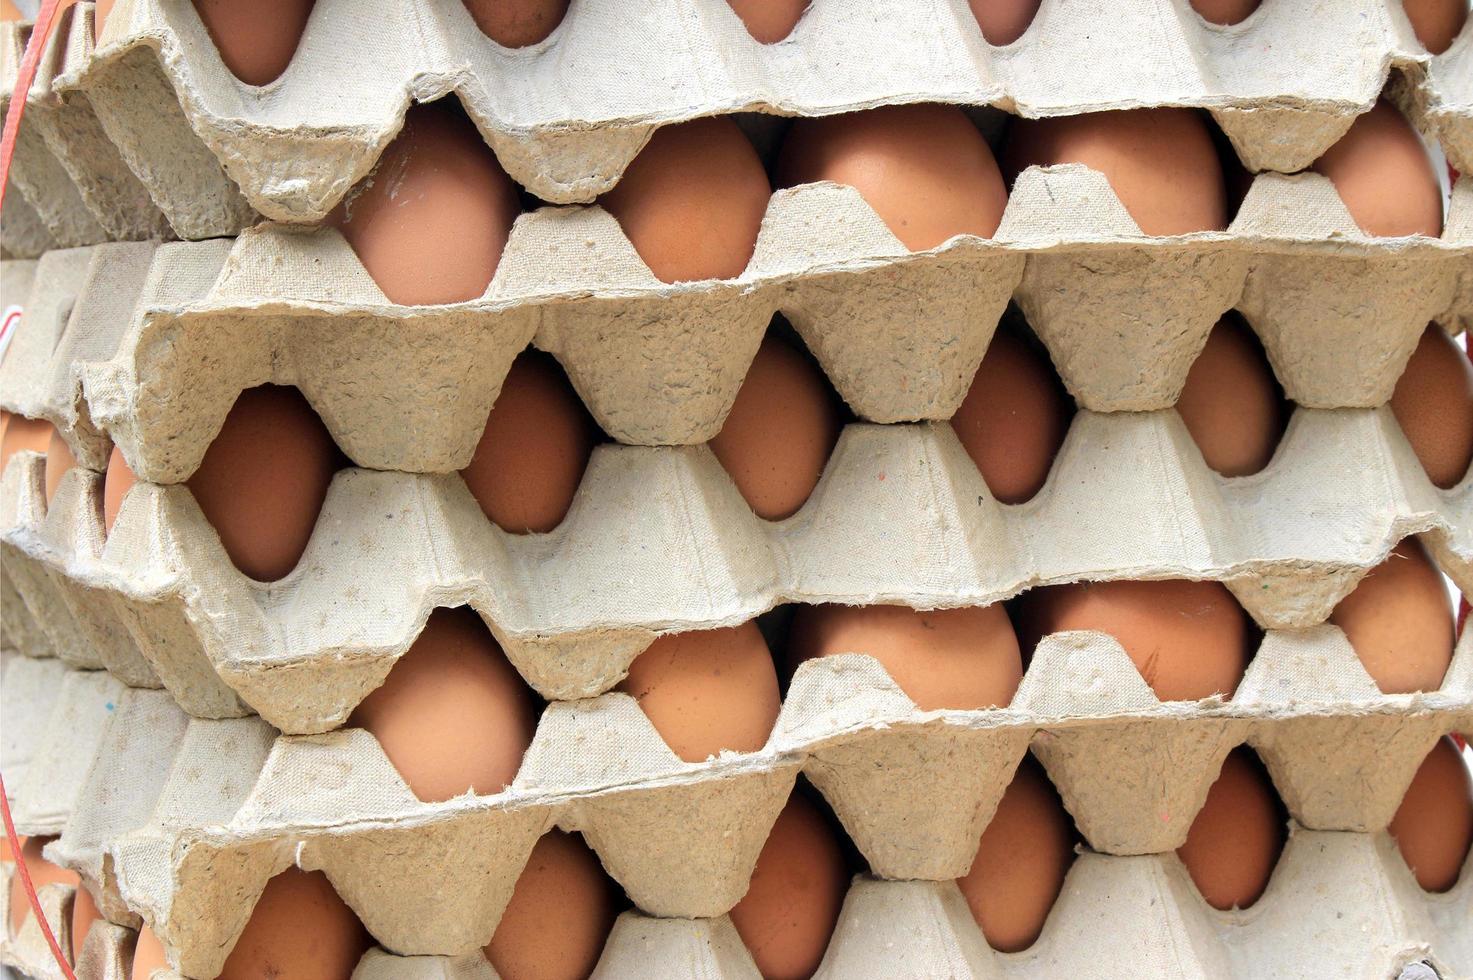 stapel eieren foto